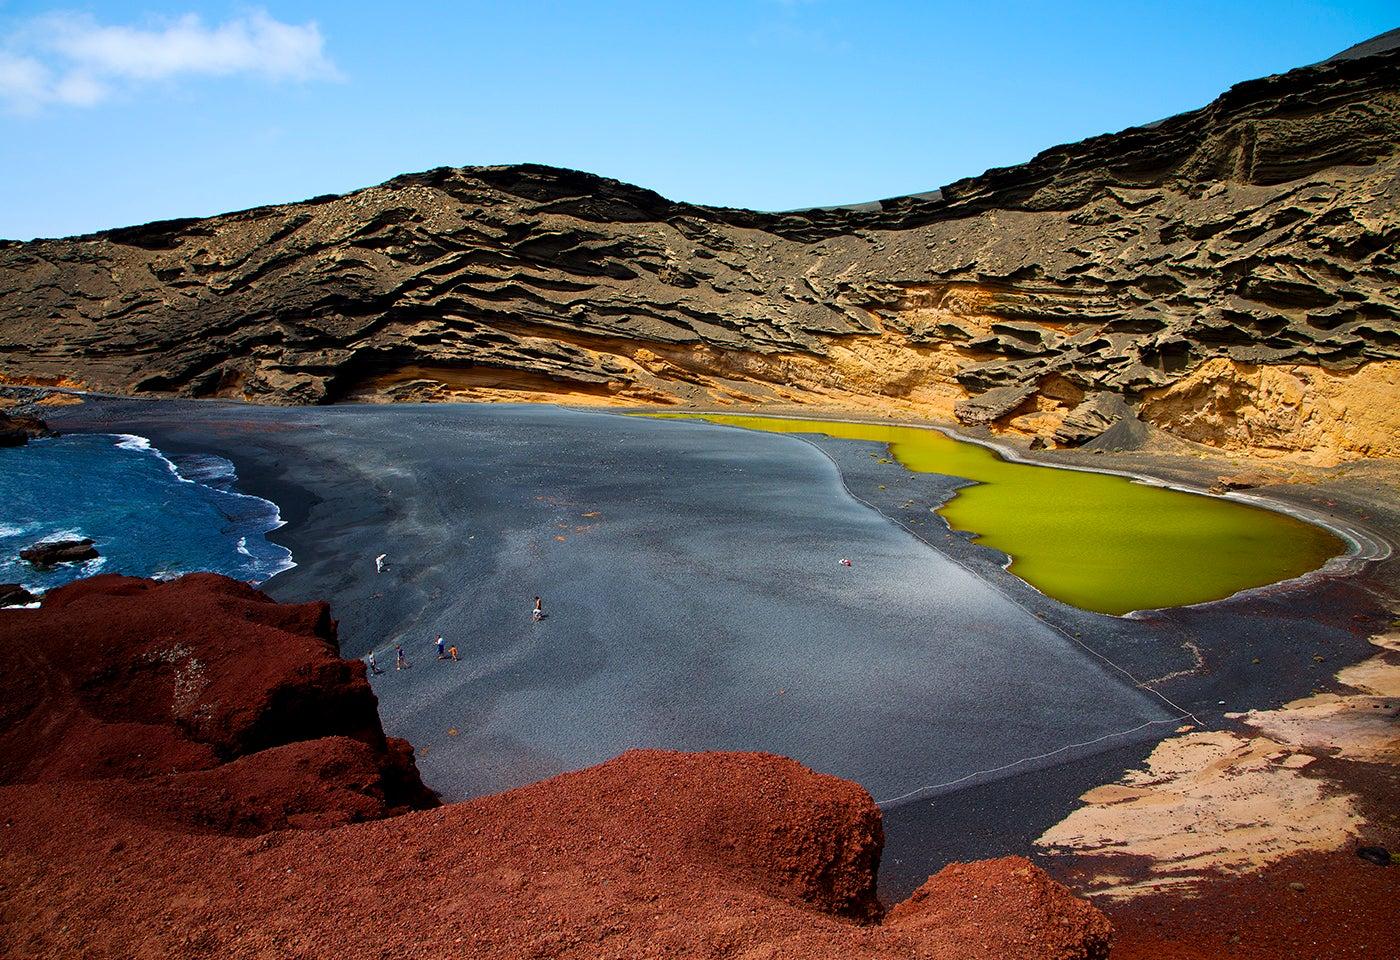 Rincones de las islas Canarias, Charco de los Ciclos